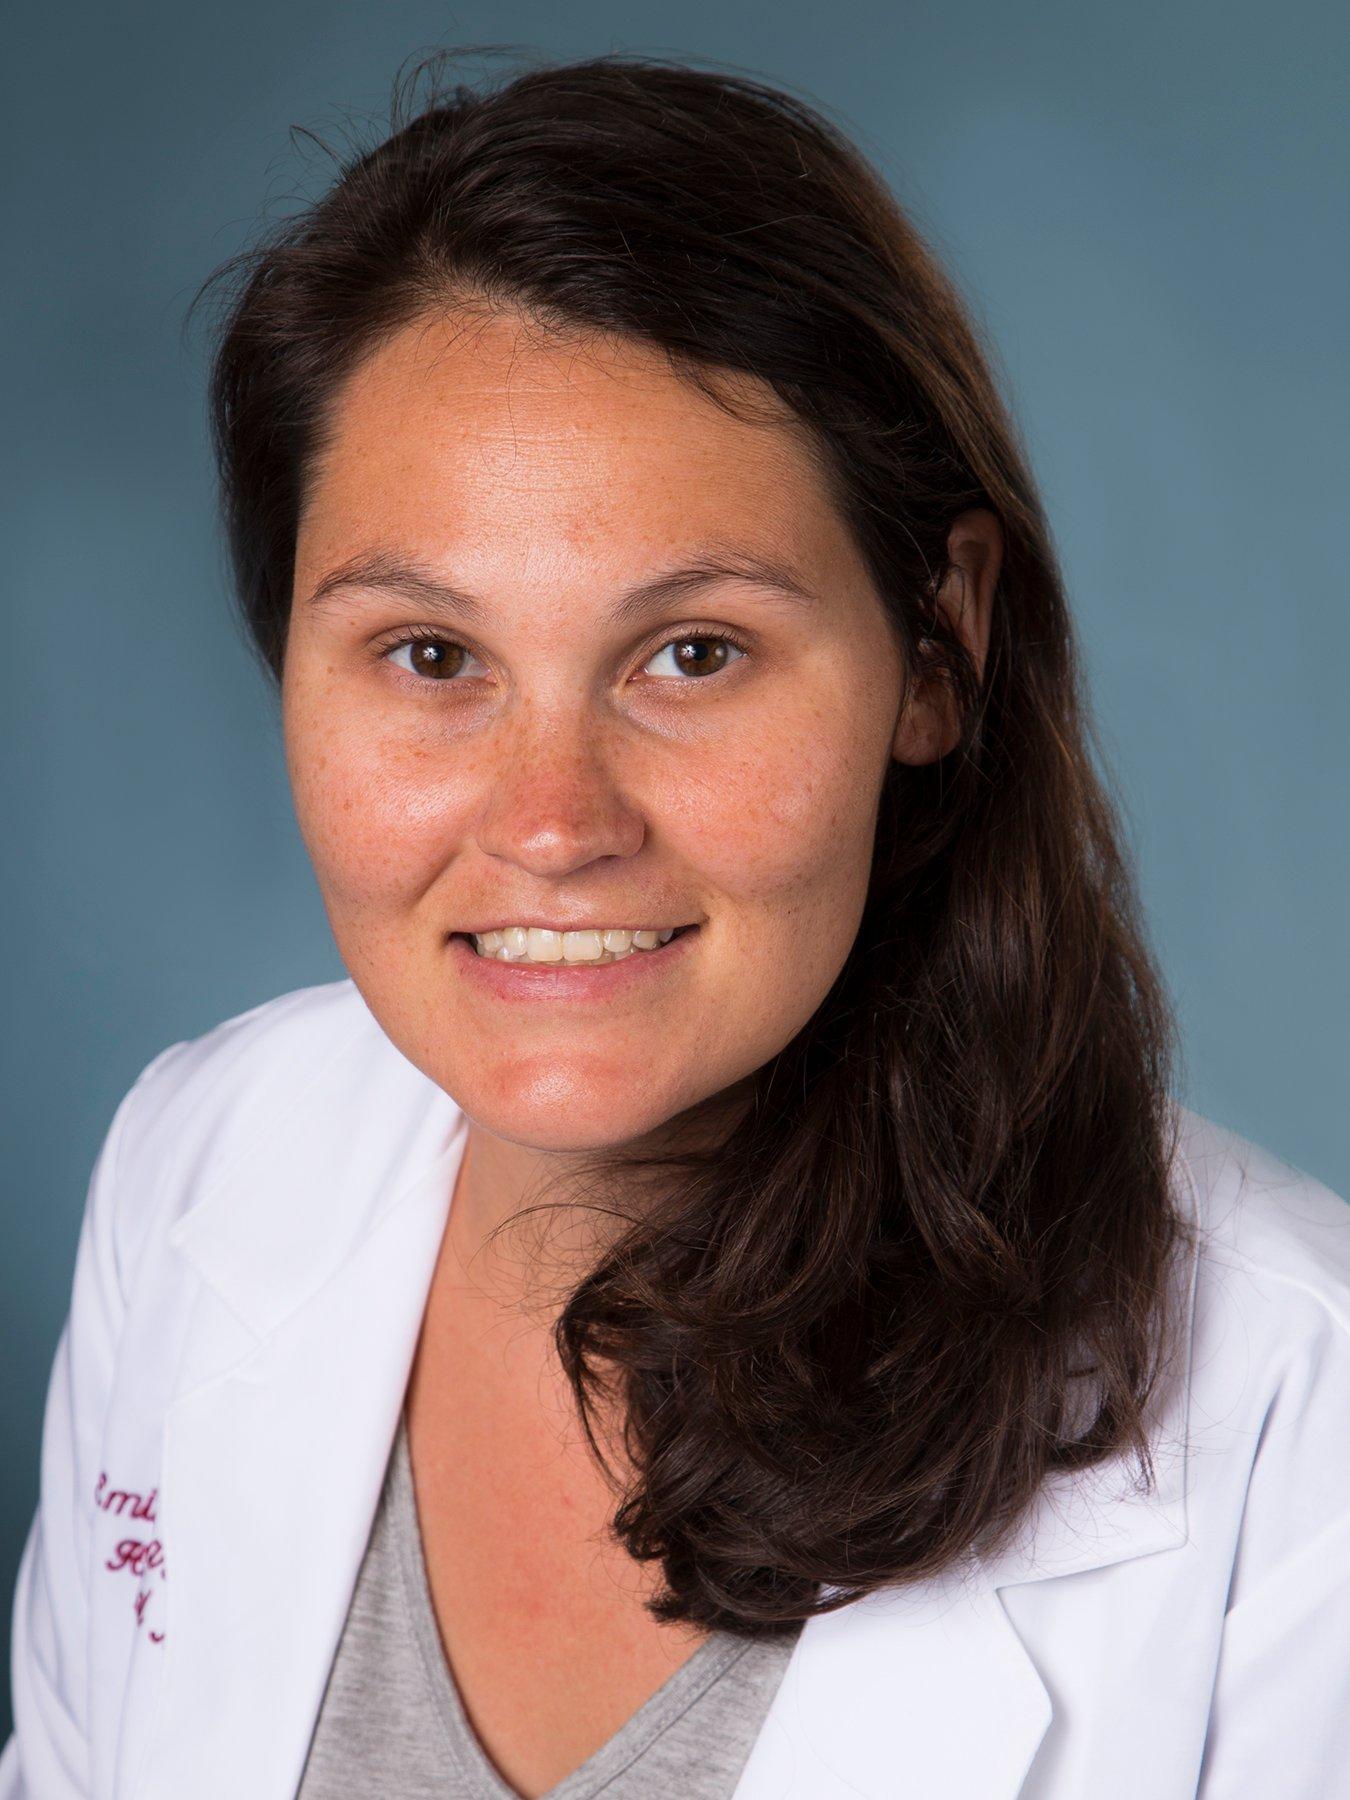 Emily Zarookian, MD